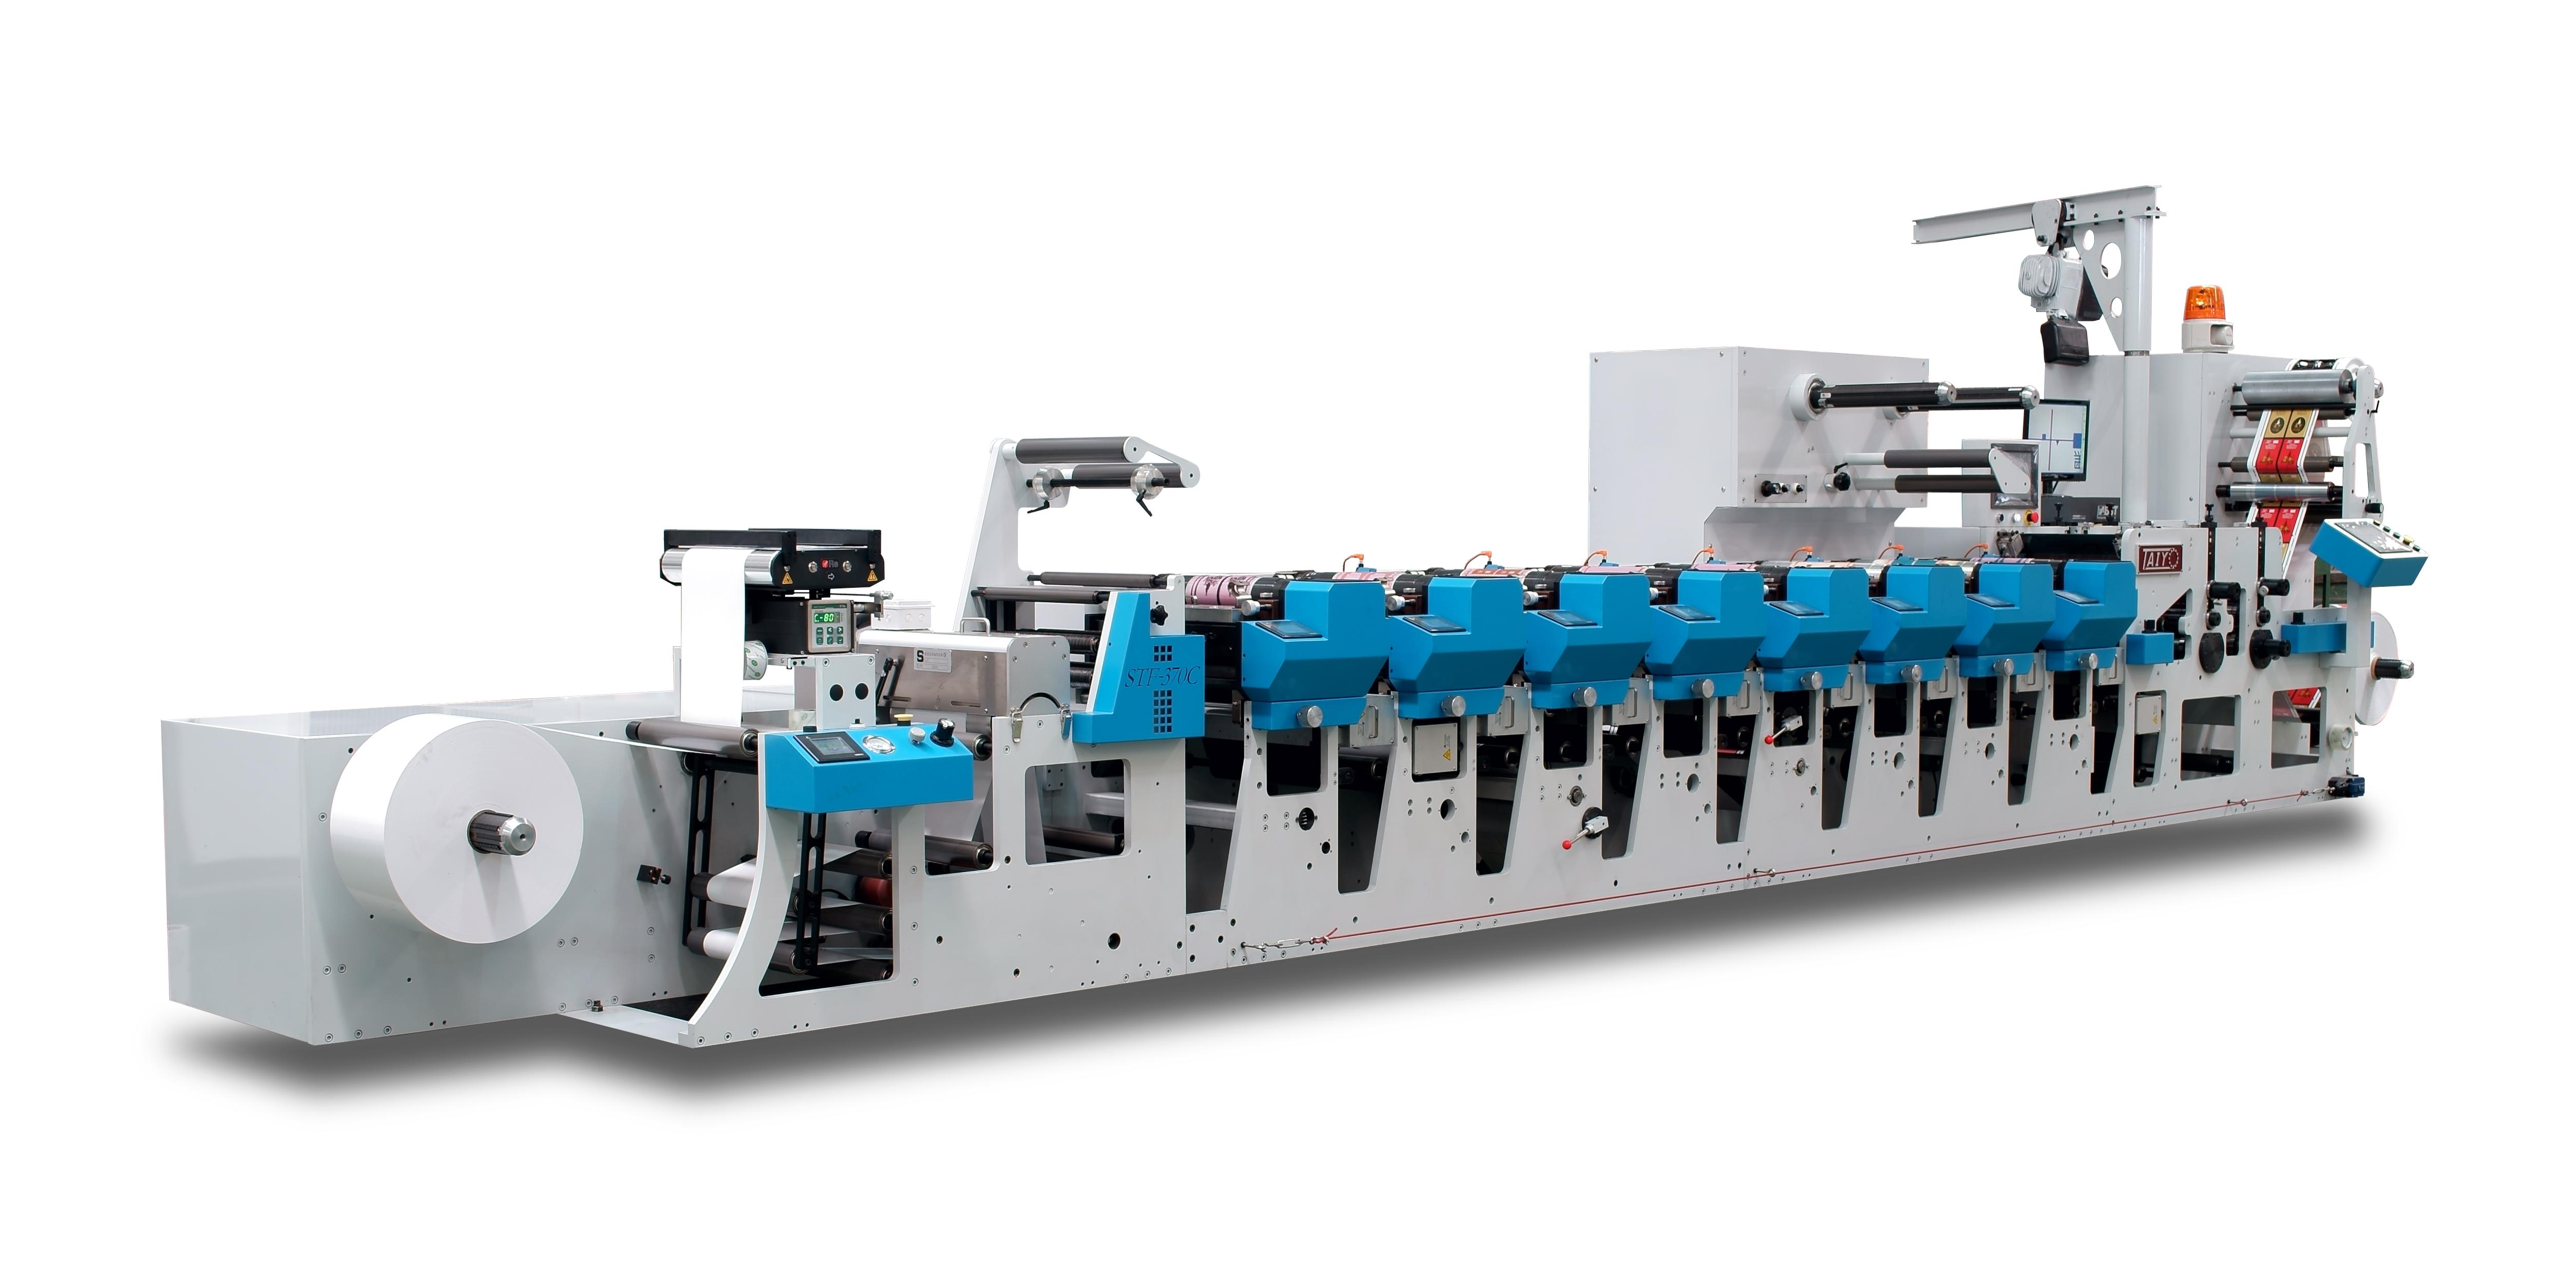 轮转印刷机_太阳机械stf-460c紧凑型柔版轮转印刷机